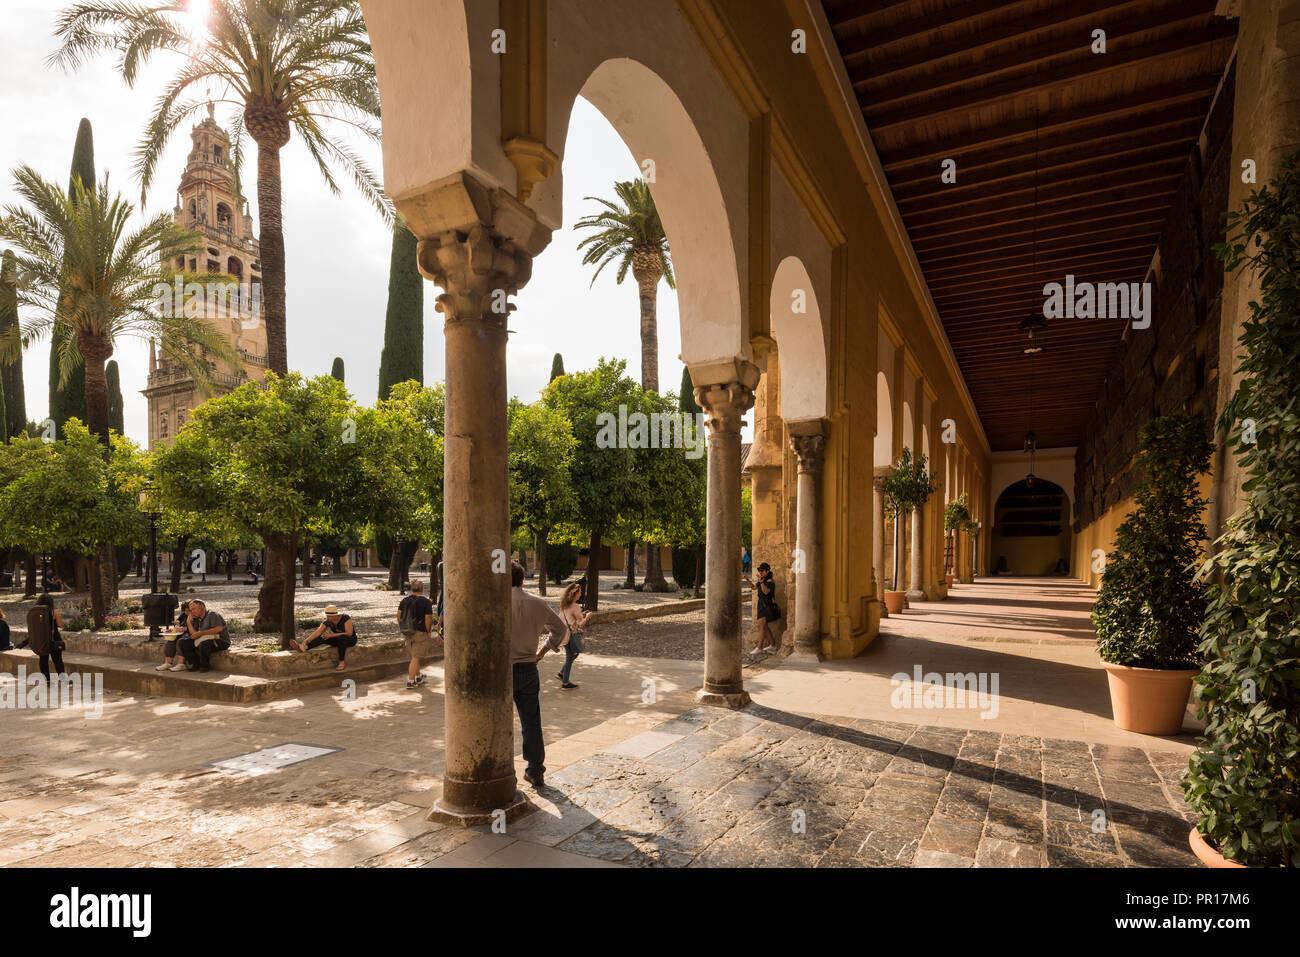 La Gran Mezquita (Catedral de Nuestra Señora de la Asunción) (Mezquita) de Córdoba, Sitio del Patrimonio Mundial de la UNESCO, Córdoba, Andalucía, España, Europa Imagen De Stock